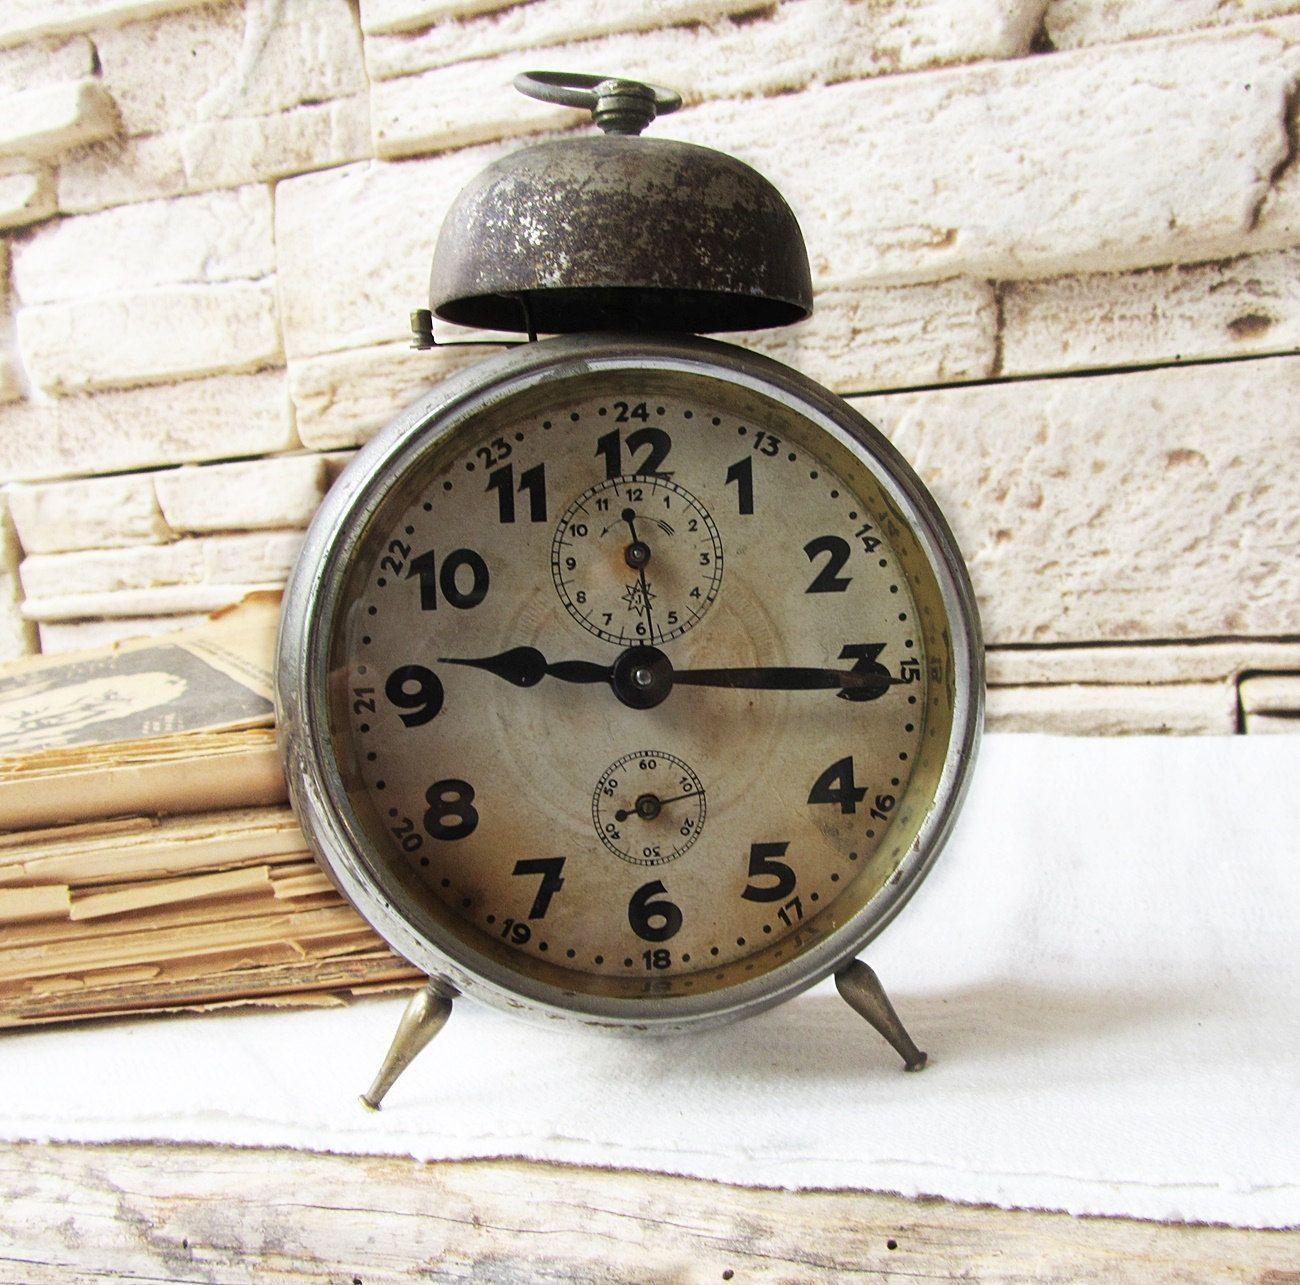 Have Alarm clock vintage idea